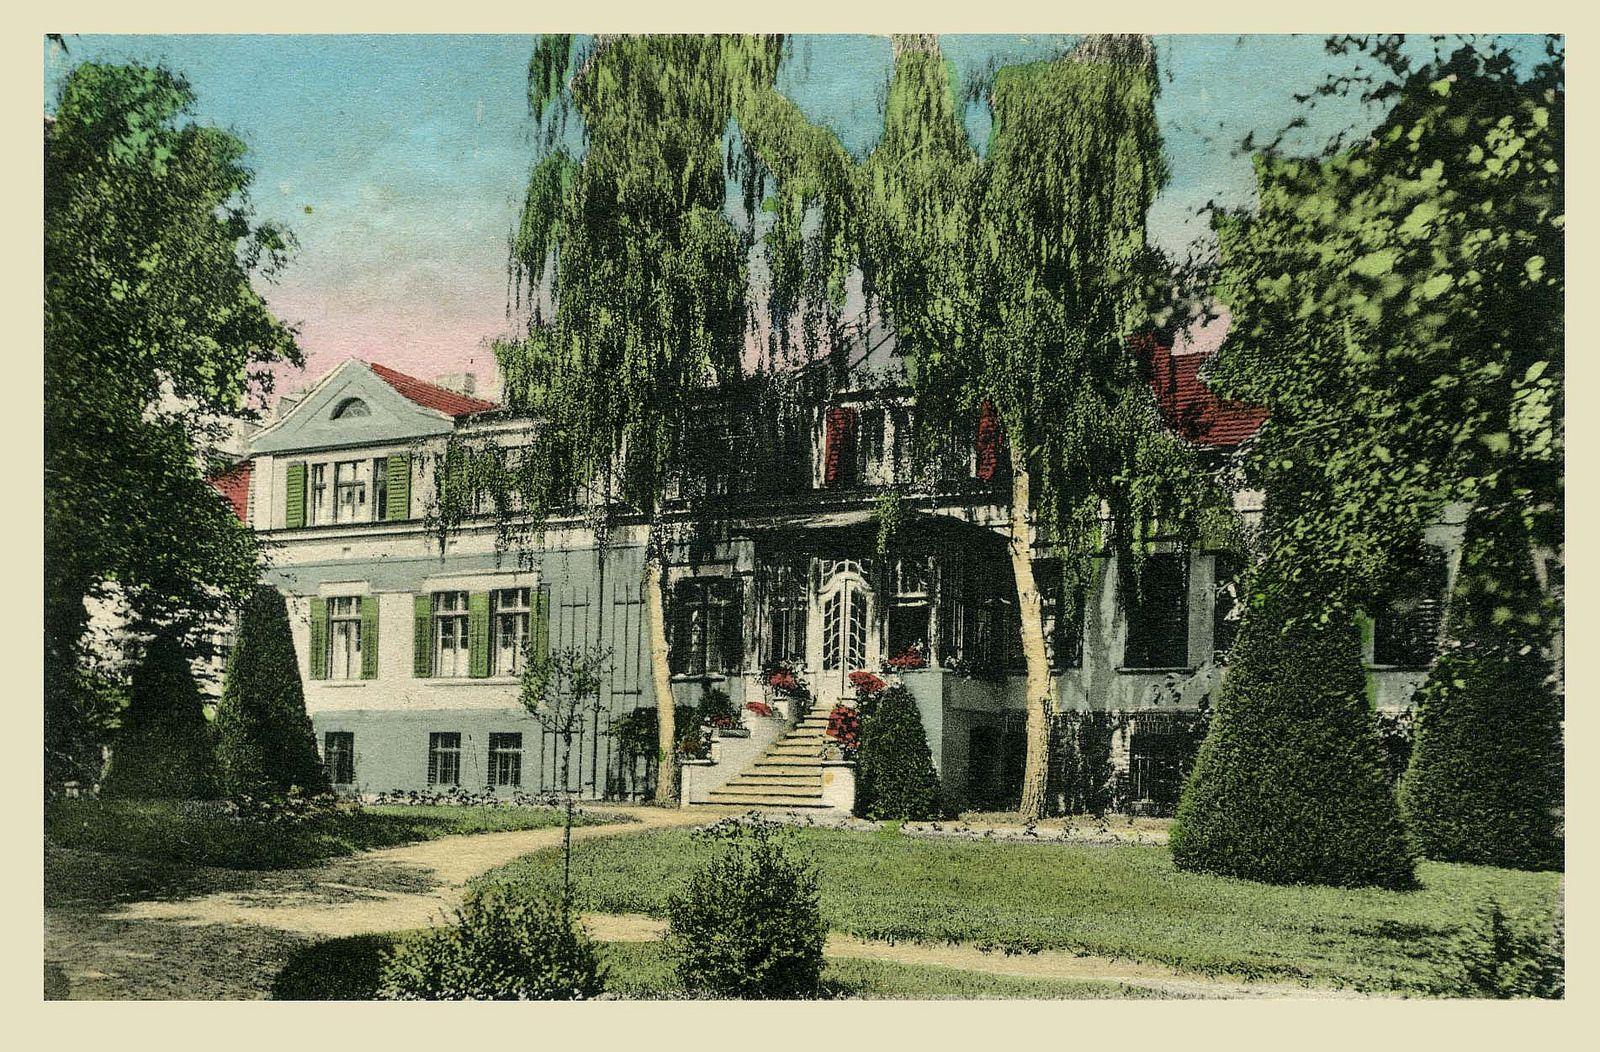 https://flic.kr/p/pic9UL | Gutshaus Landhof Gartenseite farbig 1927 | Landhof Historisch